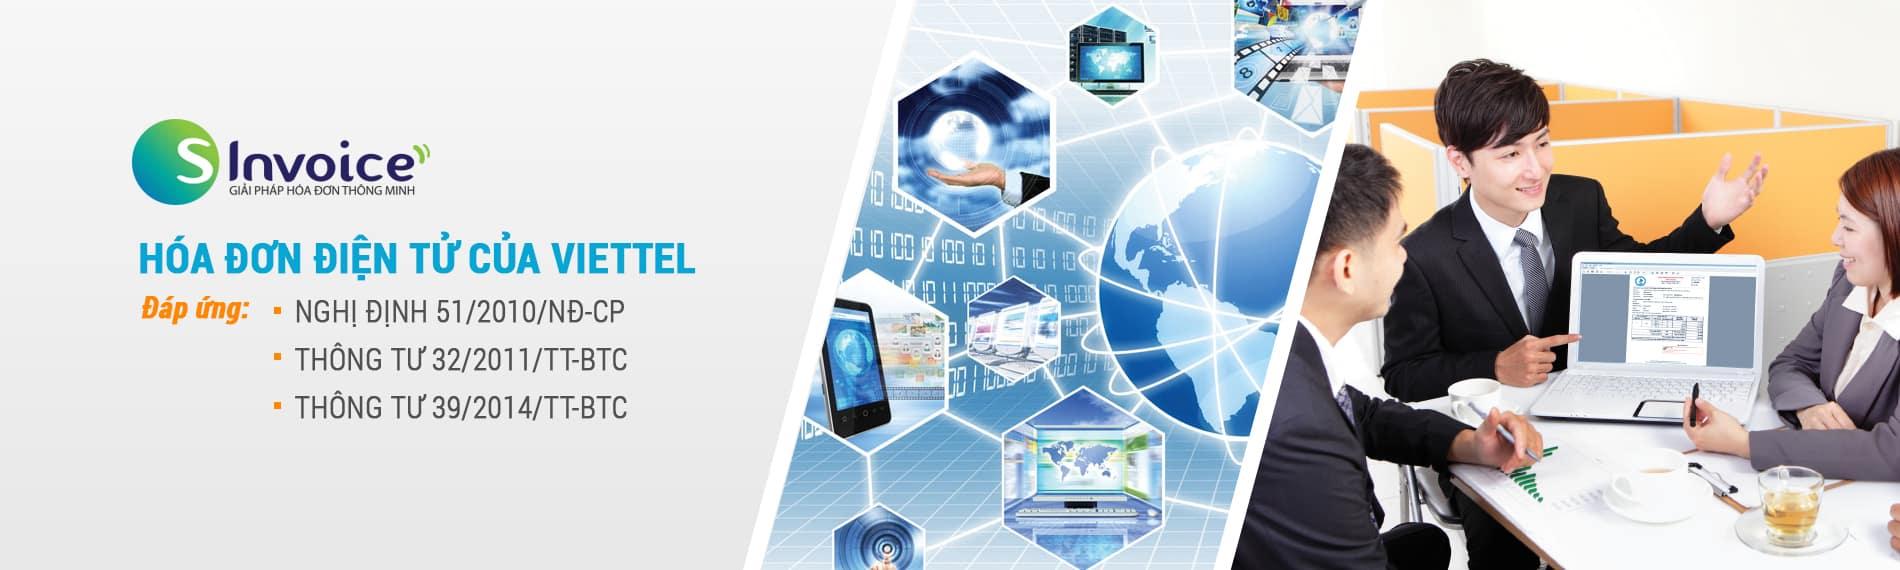 Phần mềm hóa đơn điện tử Viettel